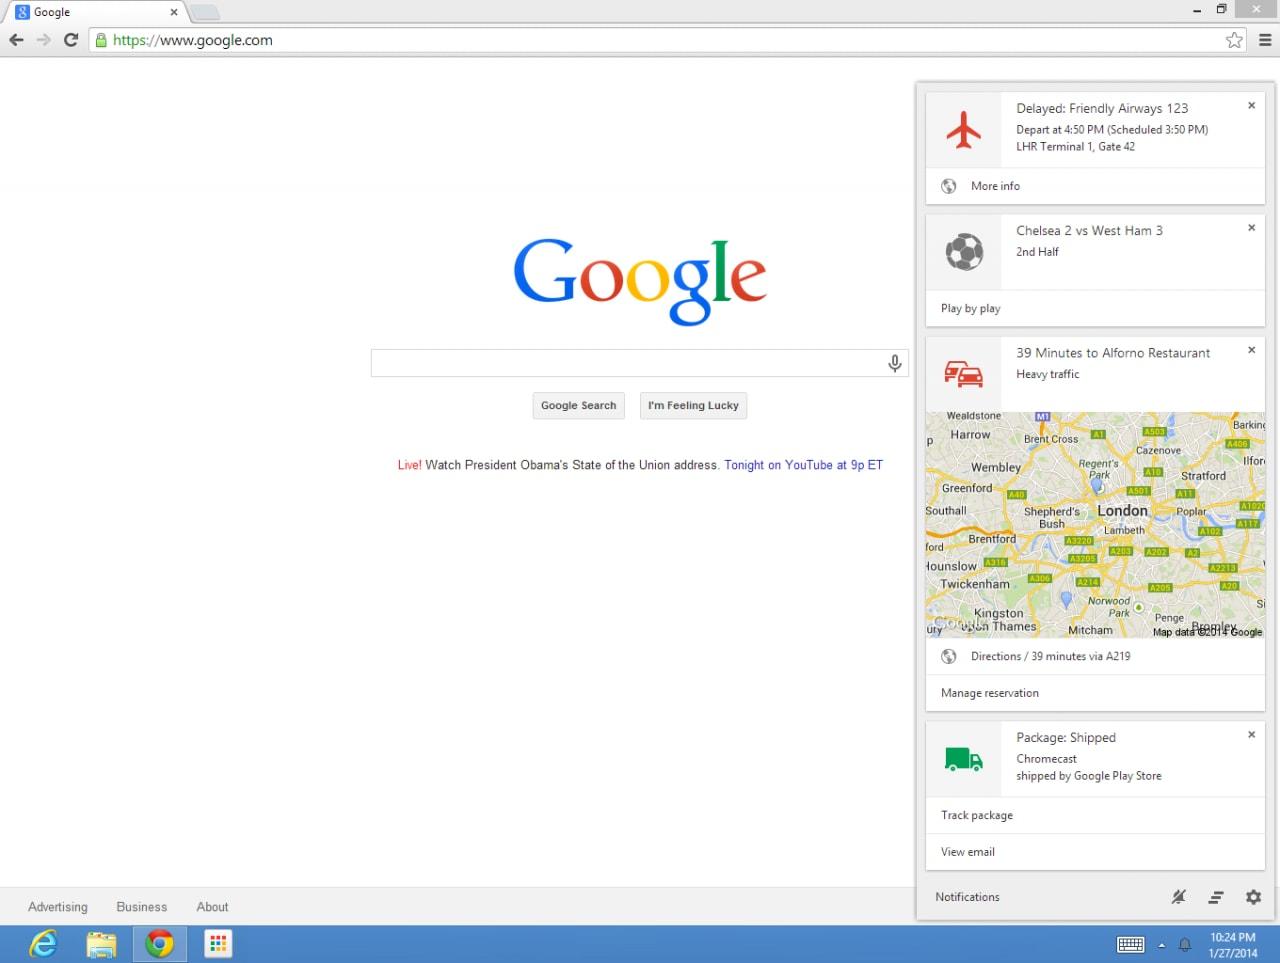 Google Now arriva finalmente su Chrome per Windows e Mac a partire da oggi